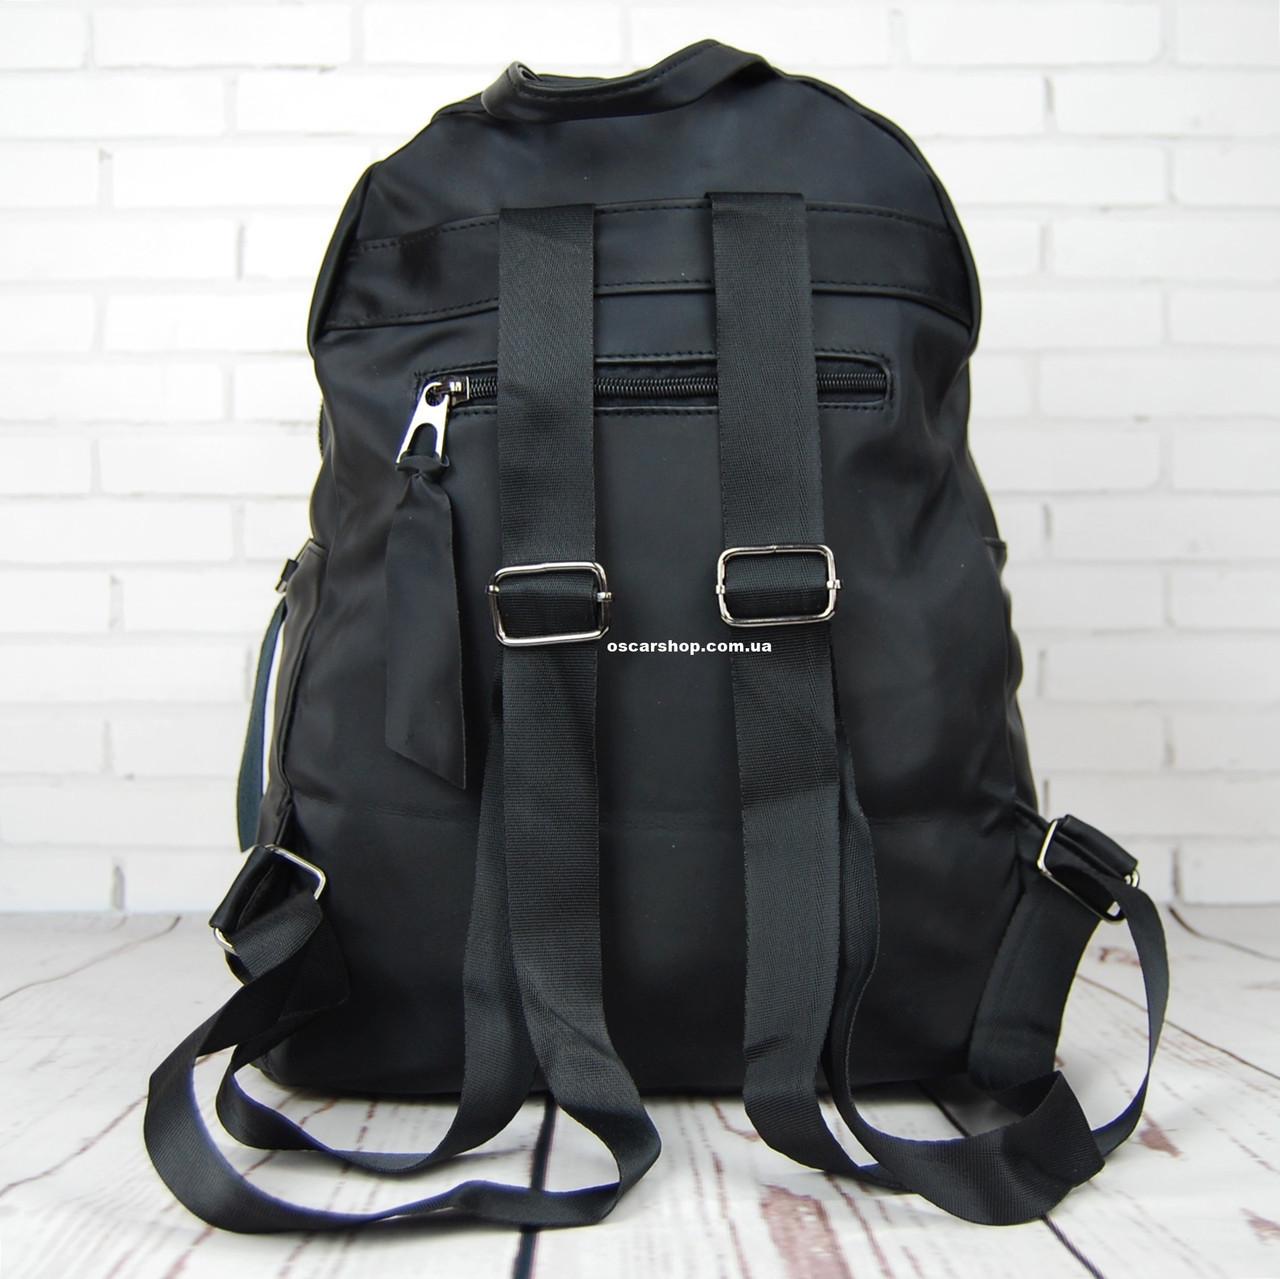 c601a9a2c185 Стильный рюкзак девушкам Распродажа! Женский рюкзак из нейлона. Выбор.  Женская сумка портфель. Стильный рюкзак девушкам ...